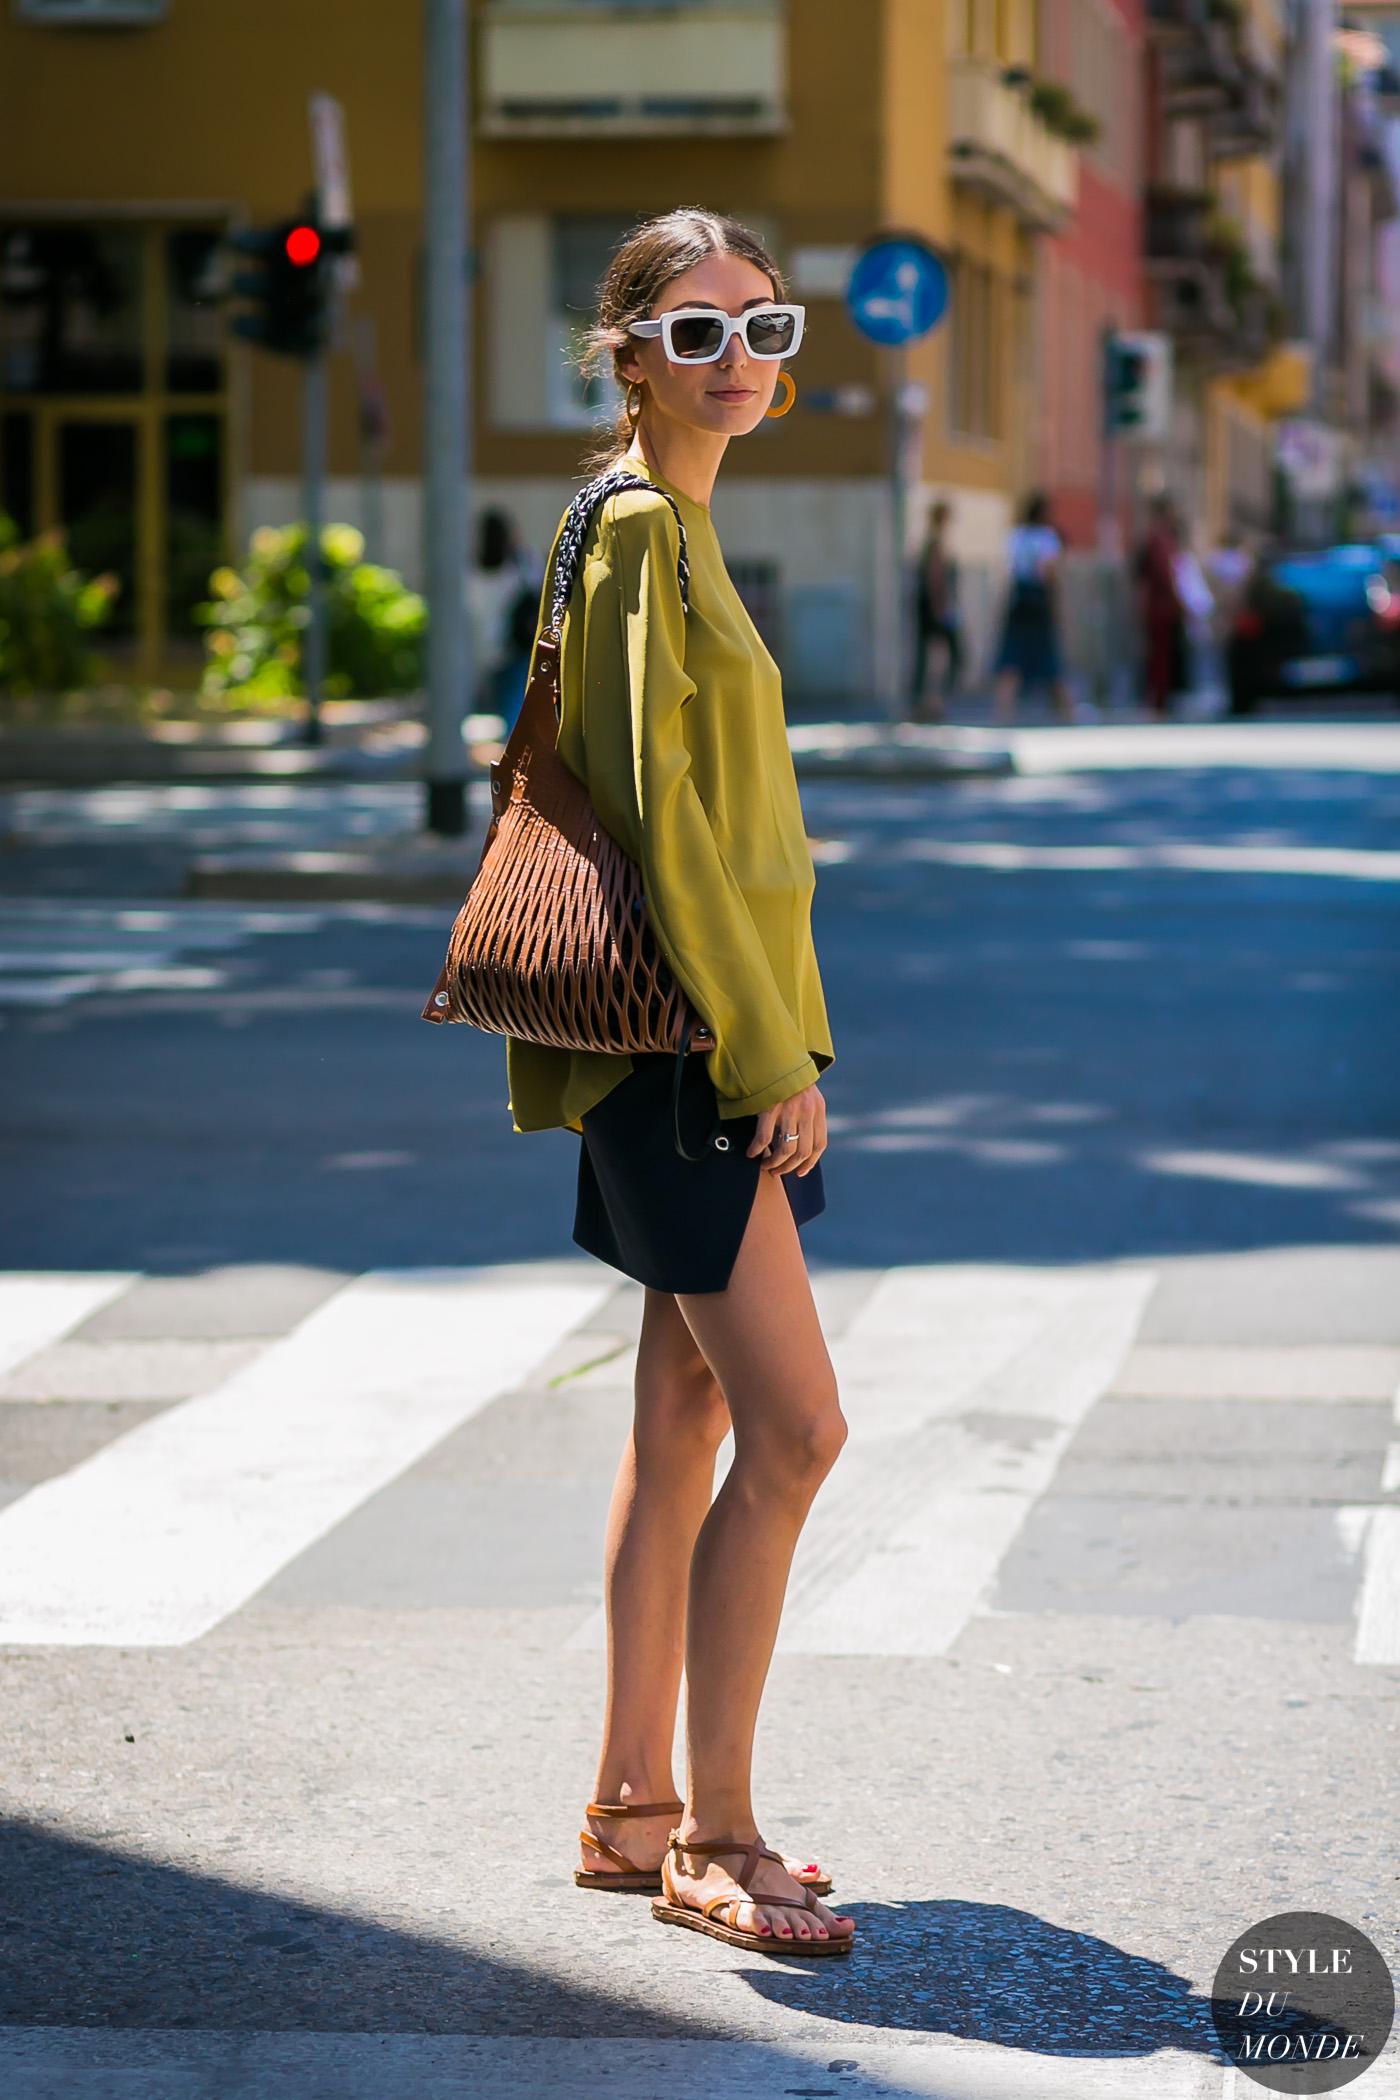 fashionista diện áo sweater vàng mustard cùng túi xách đan, sandal và kính mát bản to tại Tuần lễ Thời trang Milan dành cho nam Xuân - Hè 2018